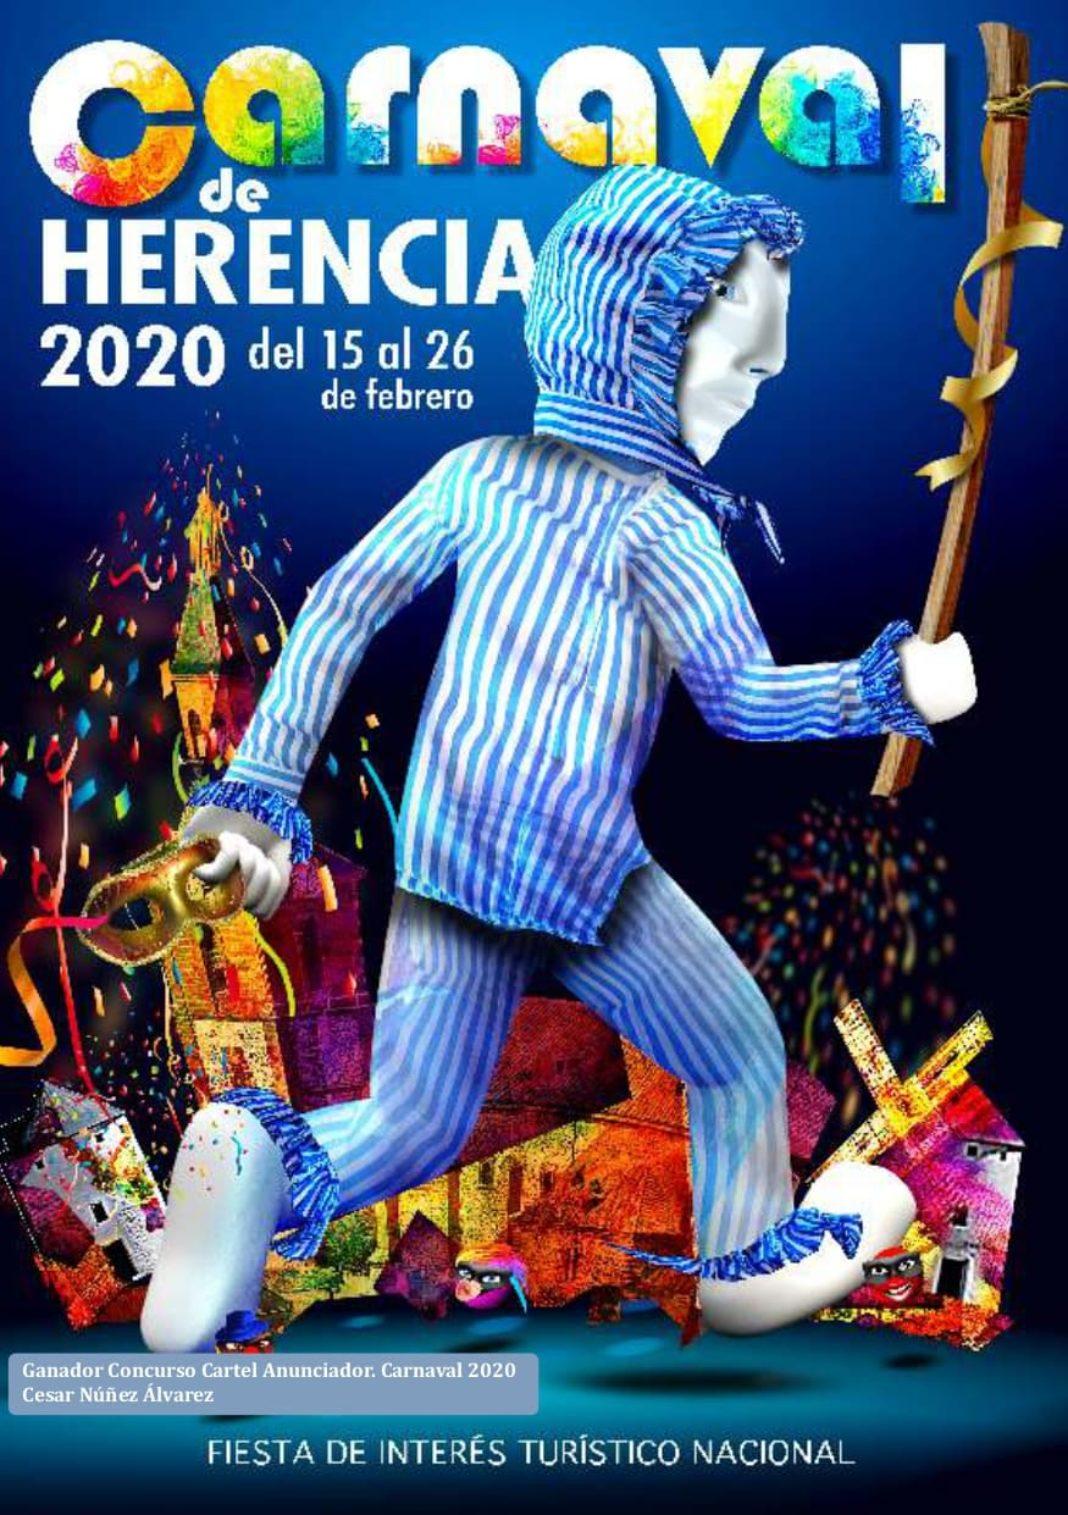 cartel carnaval de herencia 2020 1068x1515 - Publicadas las bases y premios de los concursos del Carnaval de Herencia 2020